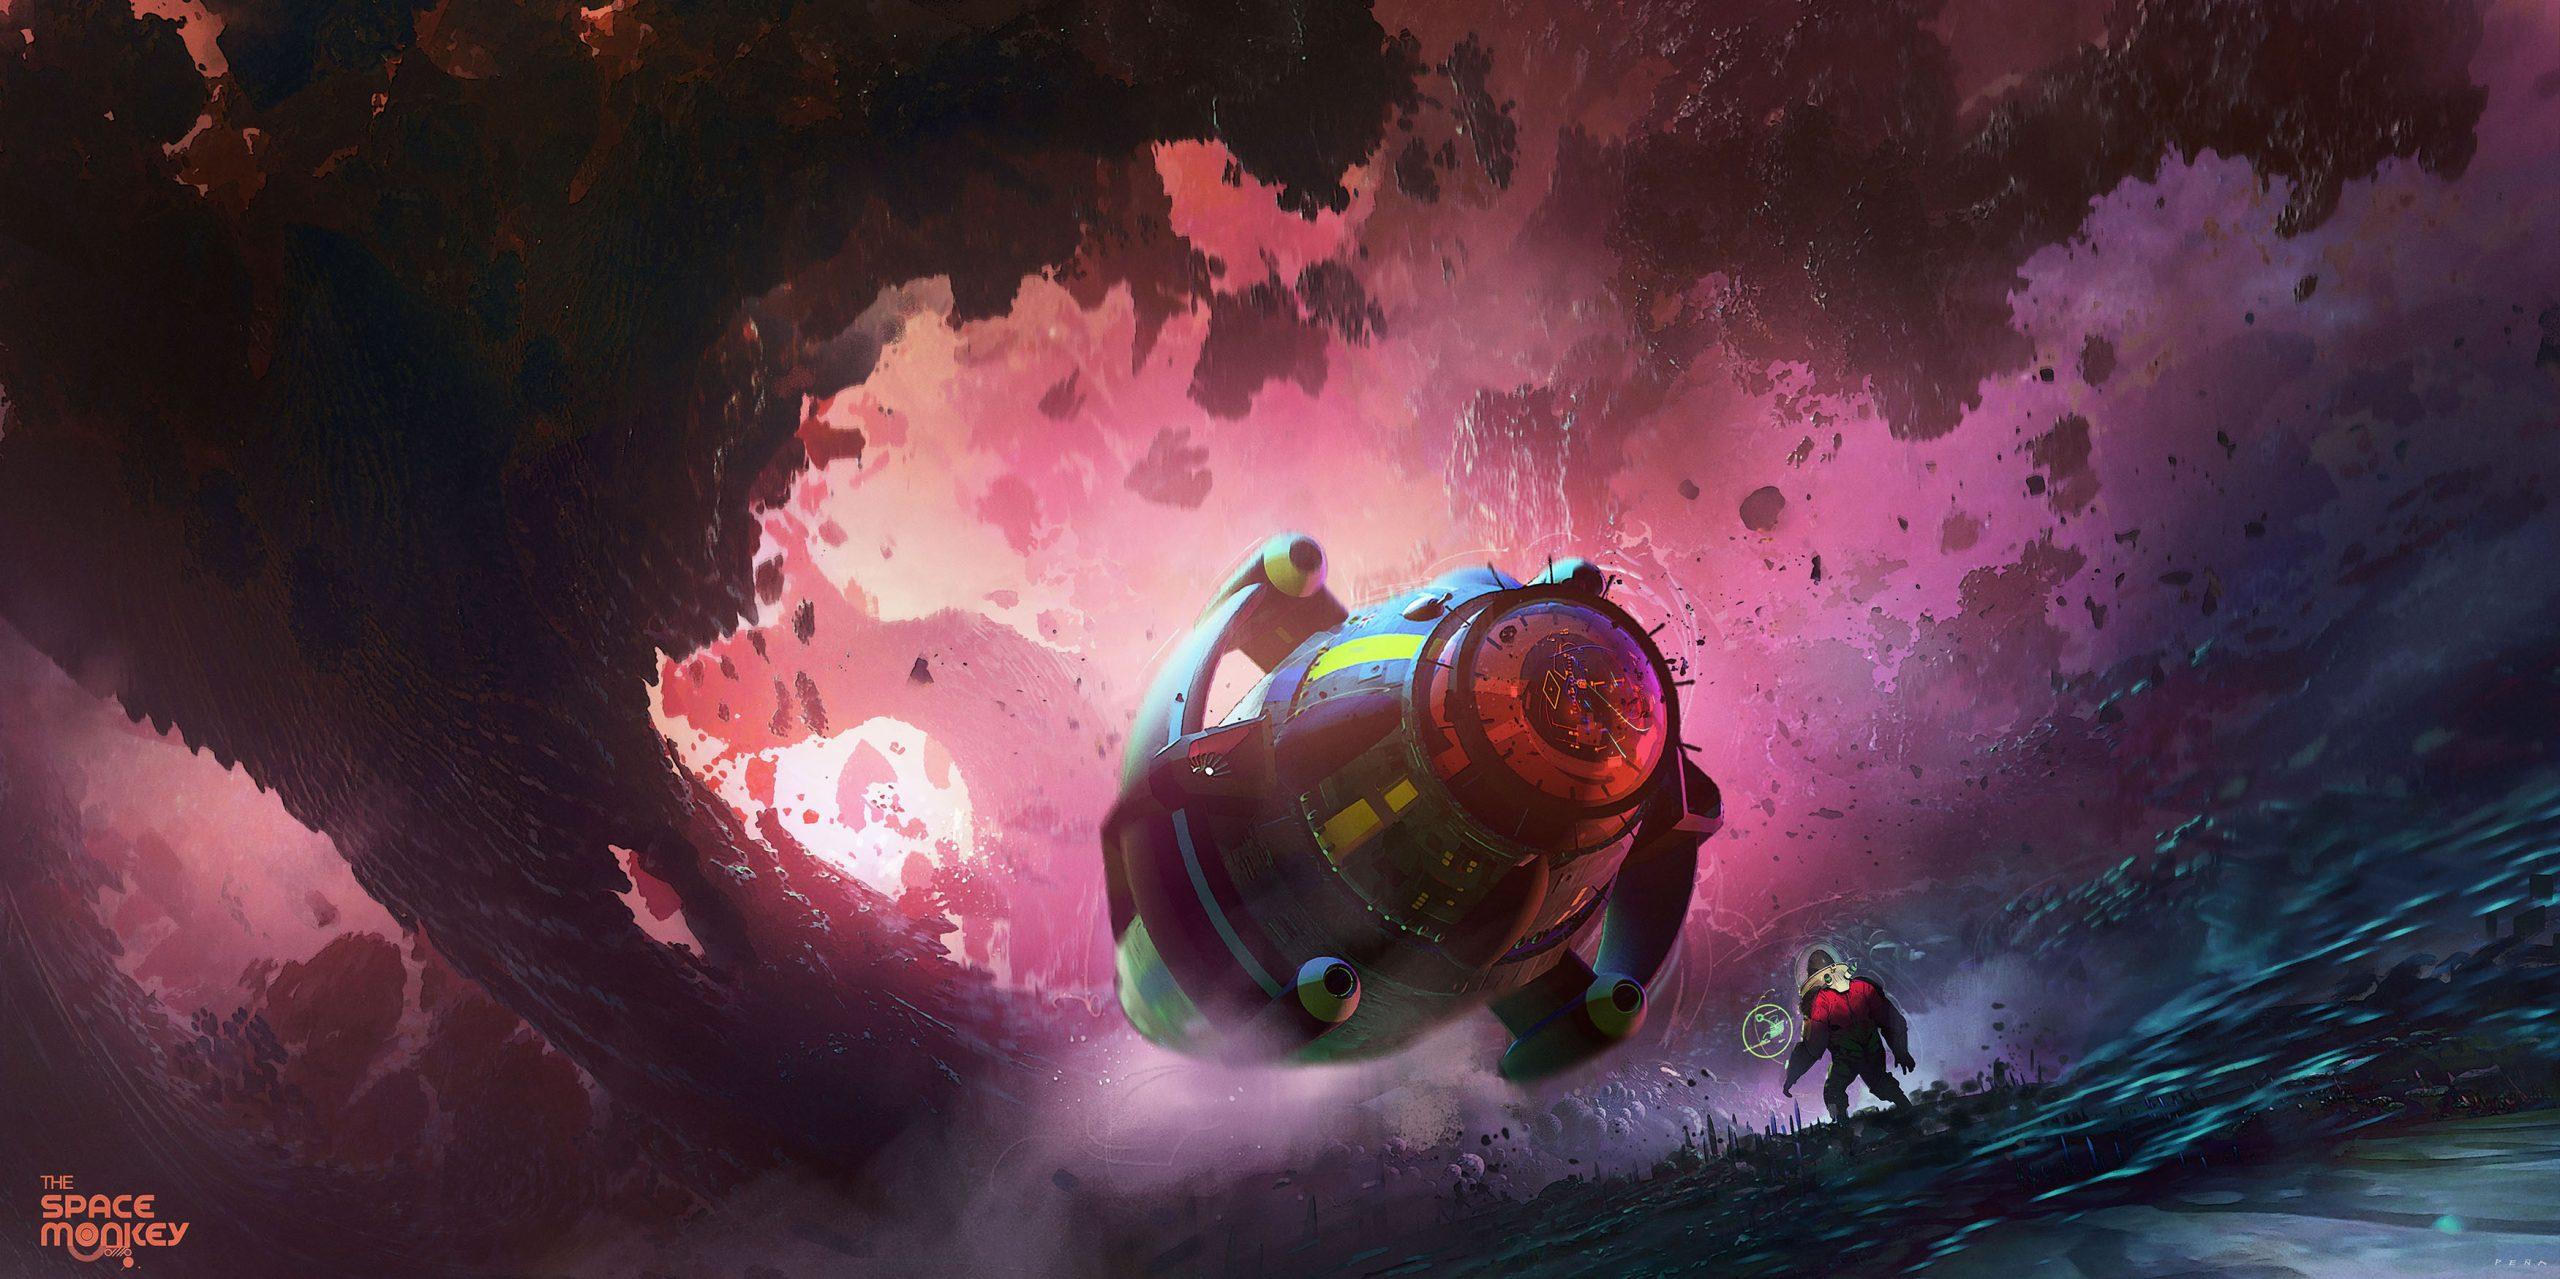 Nebular 3 by Eduardo Pena